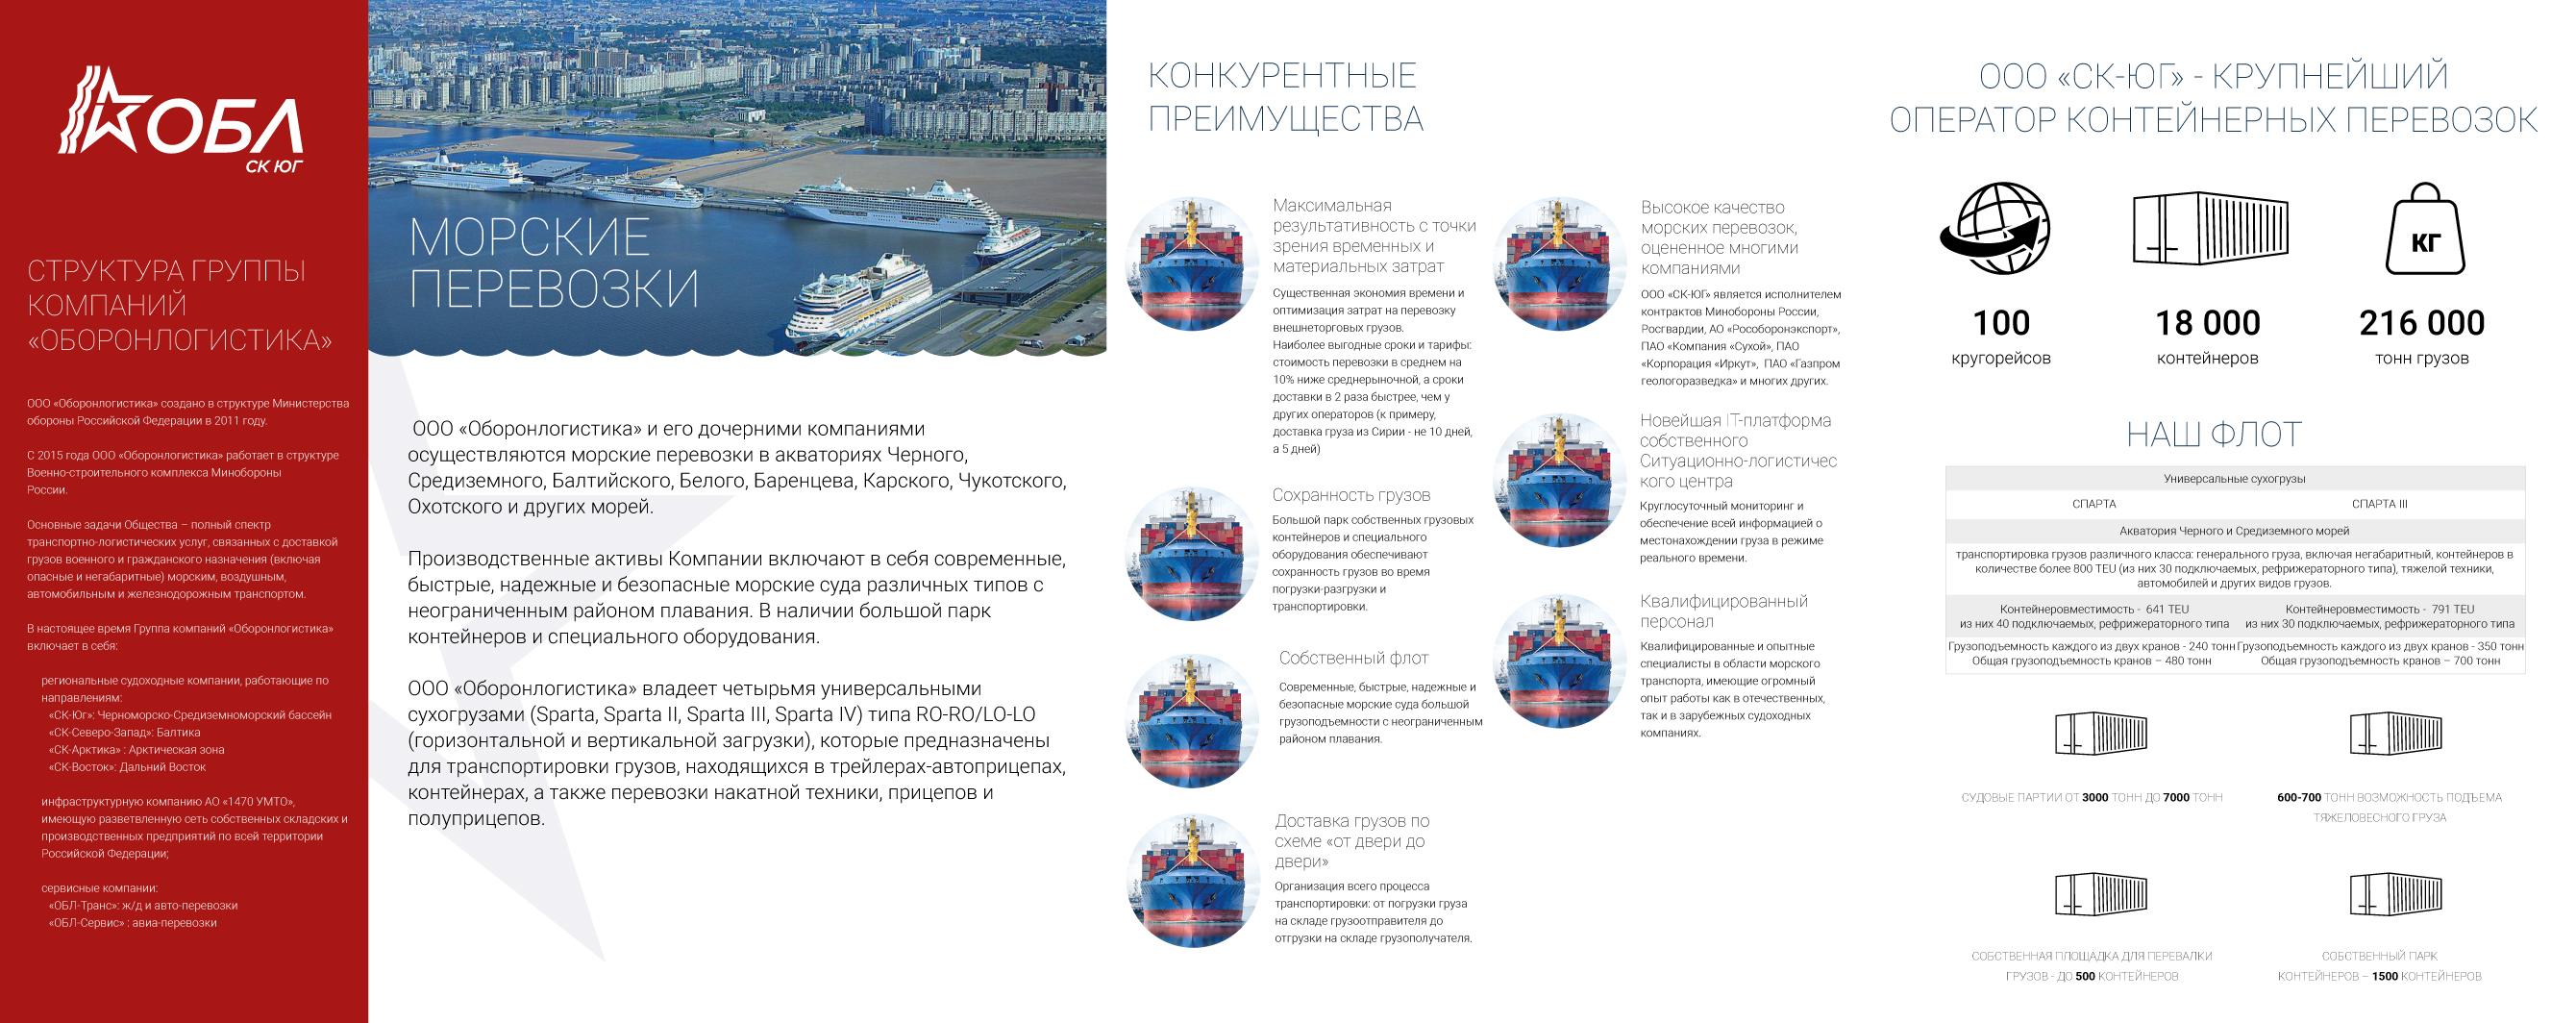 Дизайн и верстка лифлетов 3х дочерних судоходных компаний  фото f_1445b4305d627e5e.jpg